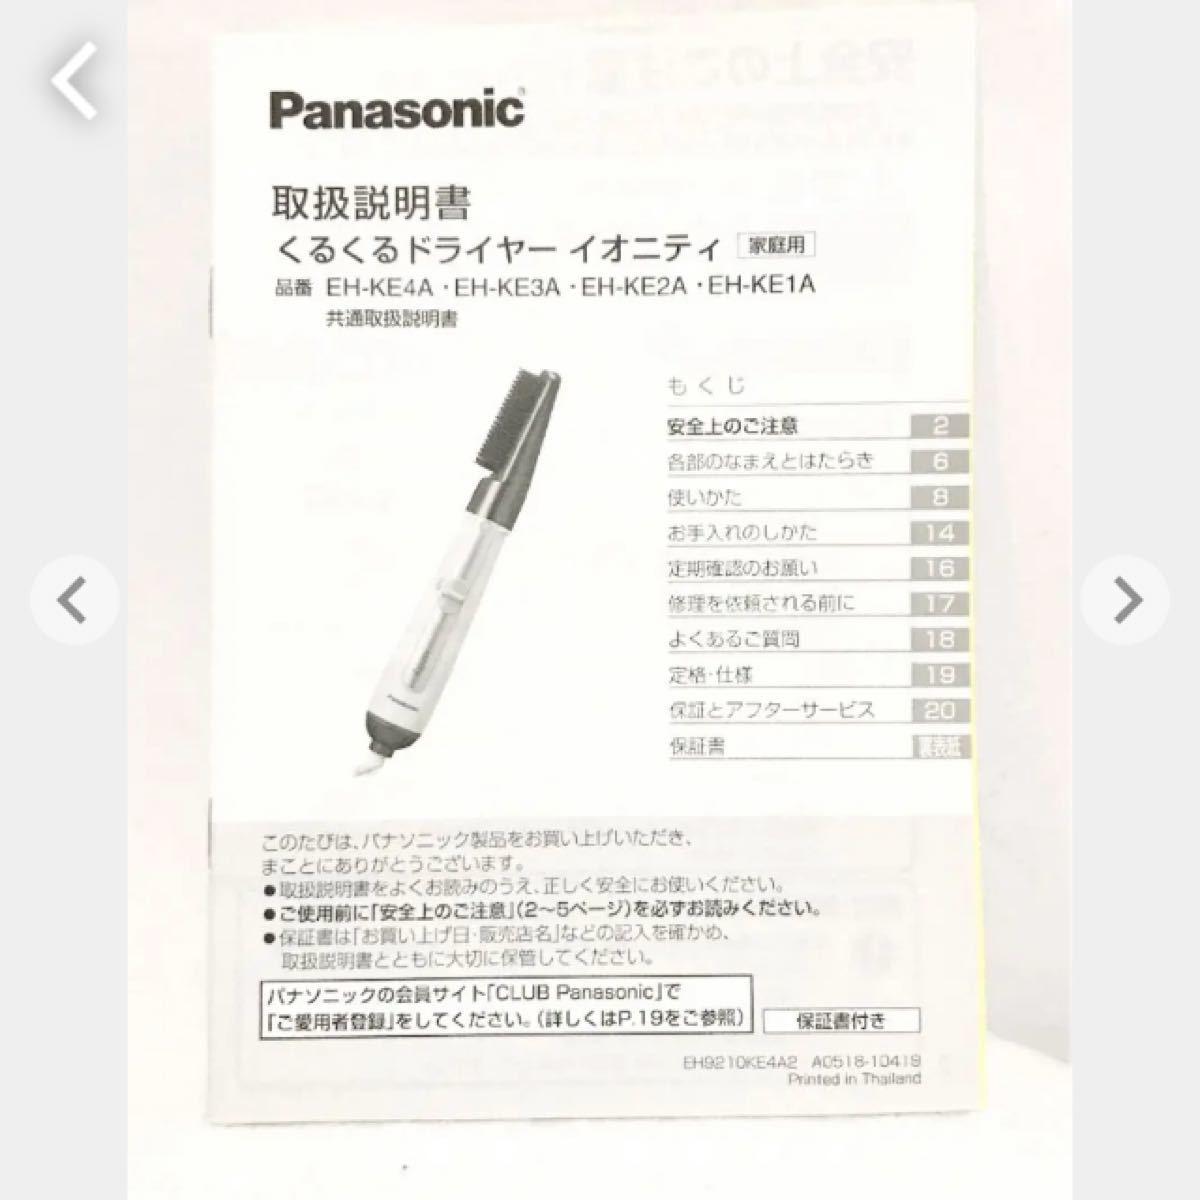 くるくるドライヤー Panasonic EH-KE1A-PP